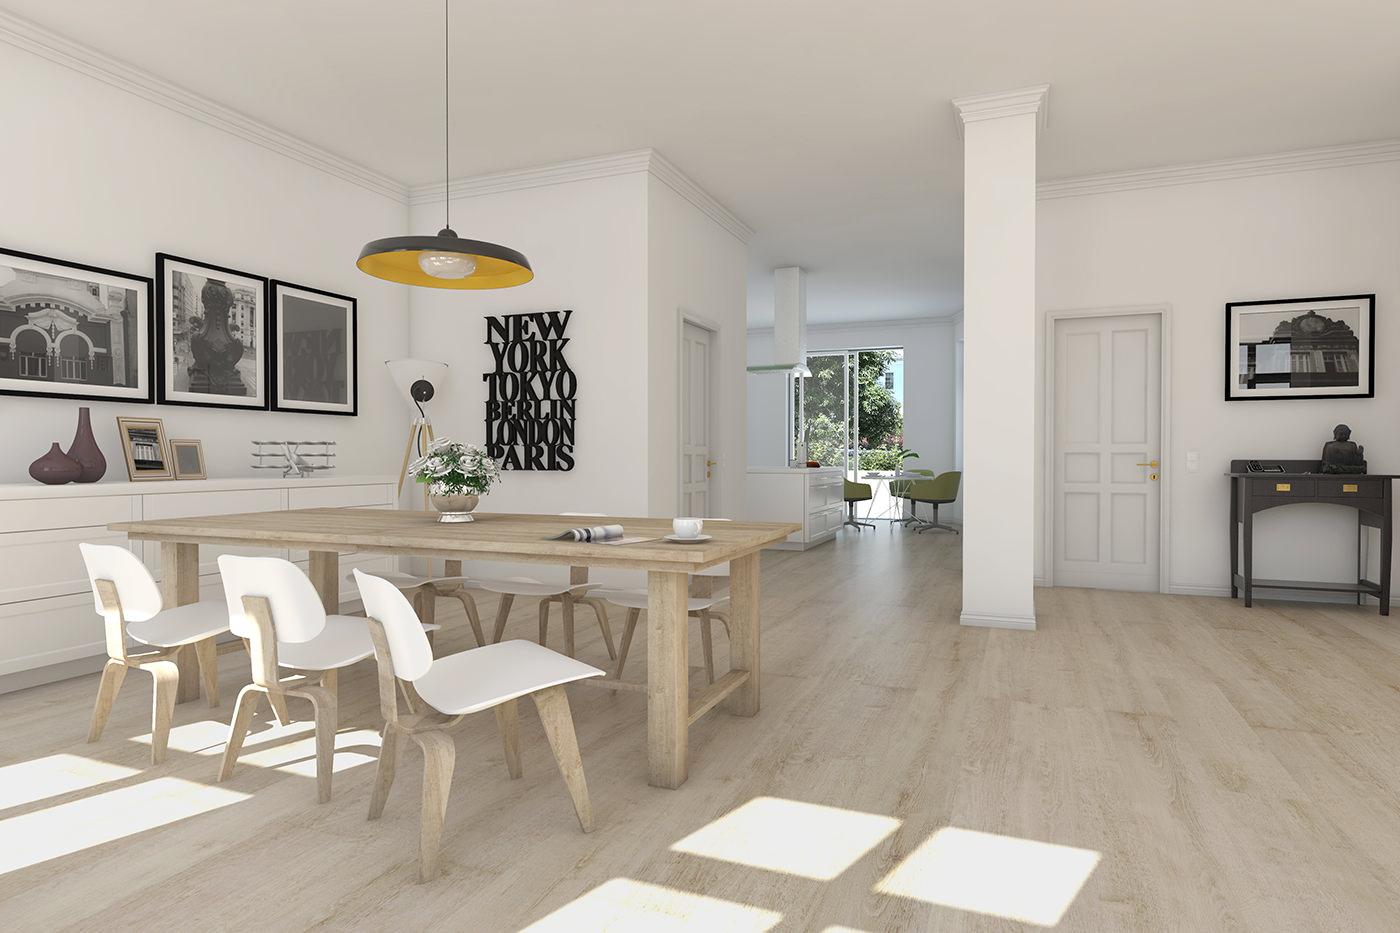 Architekturvisualisierung für MINERVA Management Beteiligungs GmbH